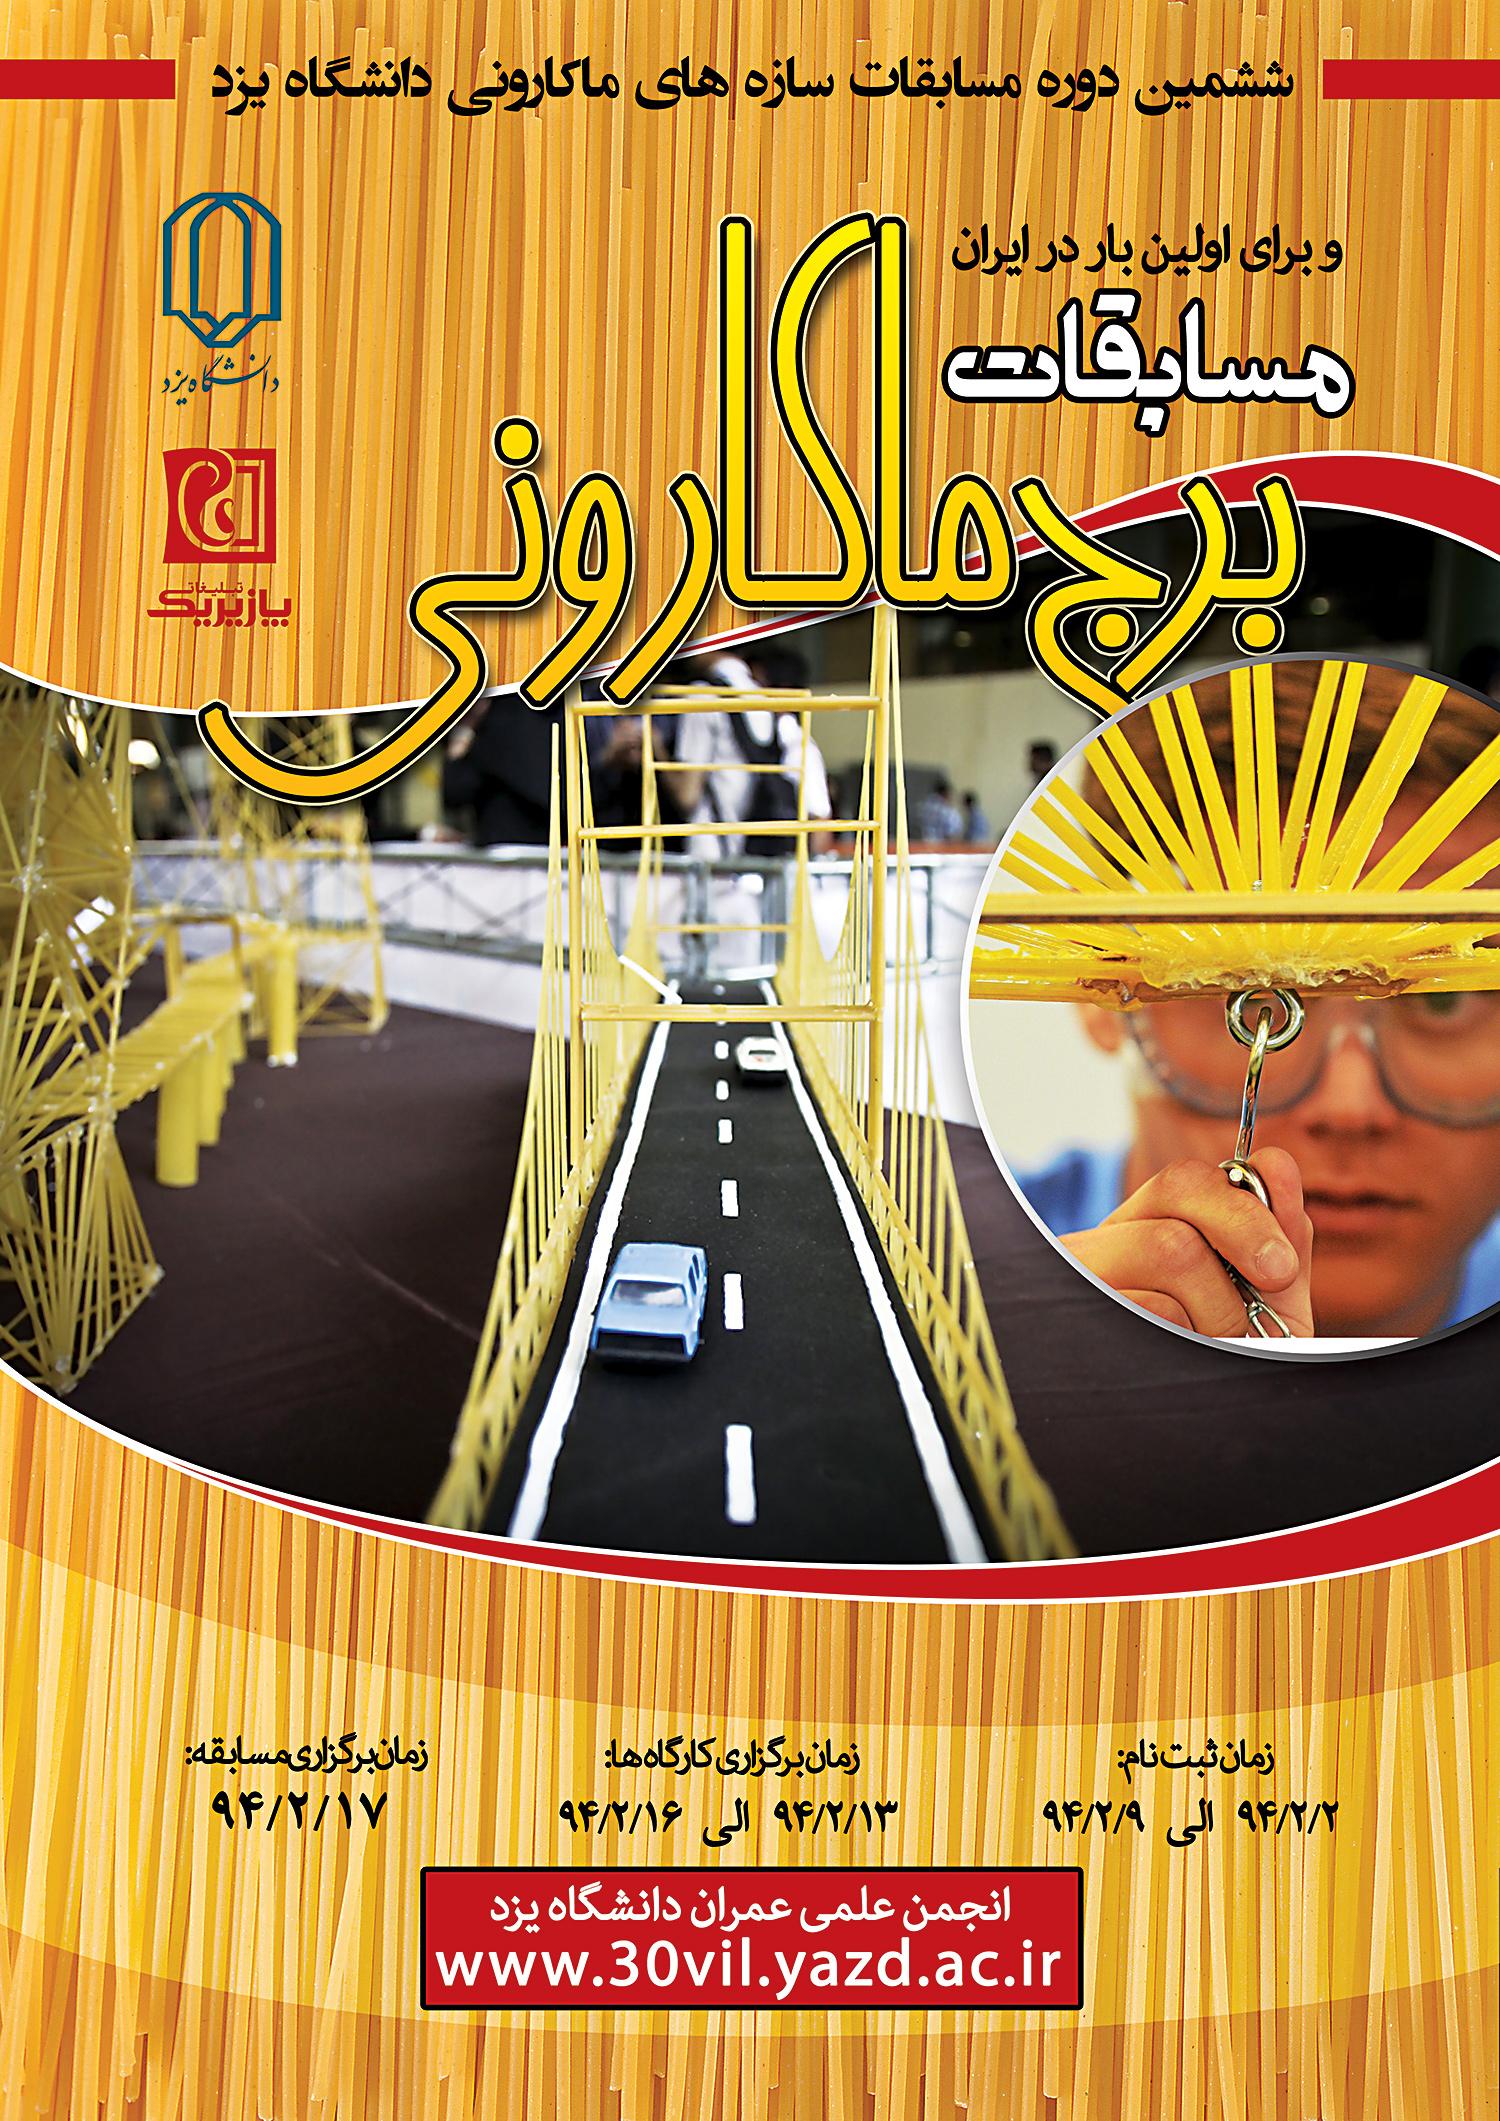 ششمین دوره مسابقات سازه های ماکارونی دانشگاه یزد